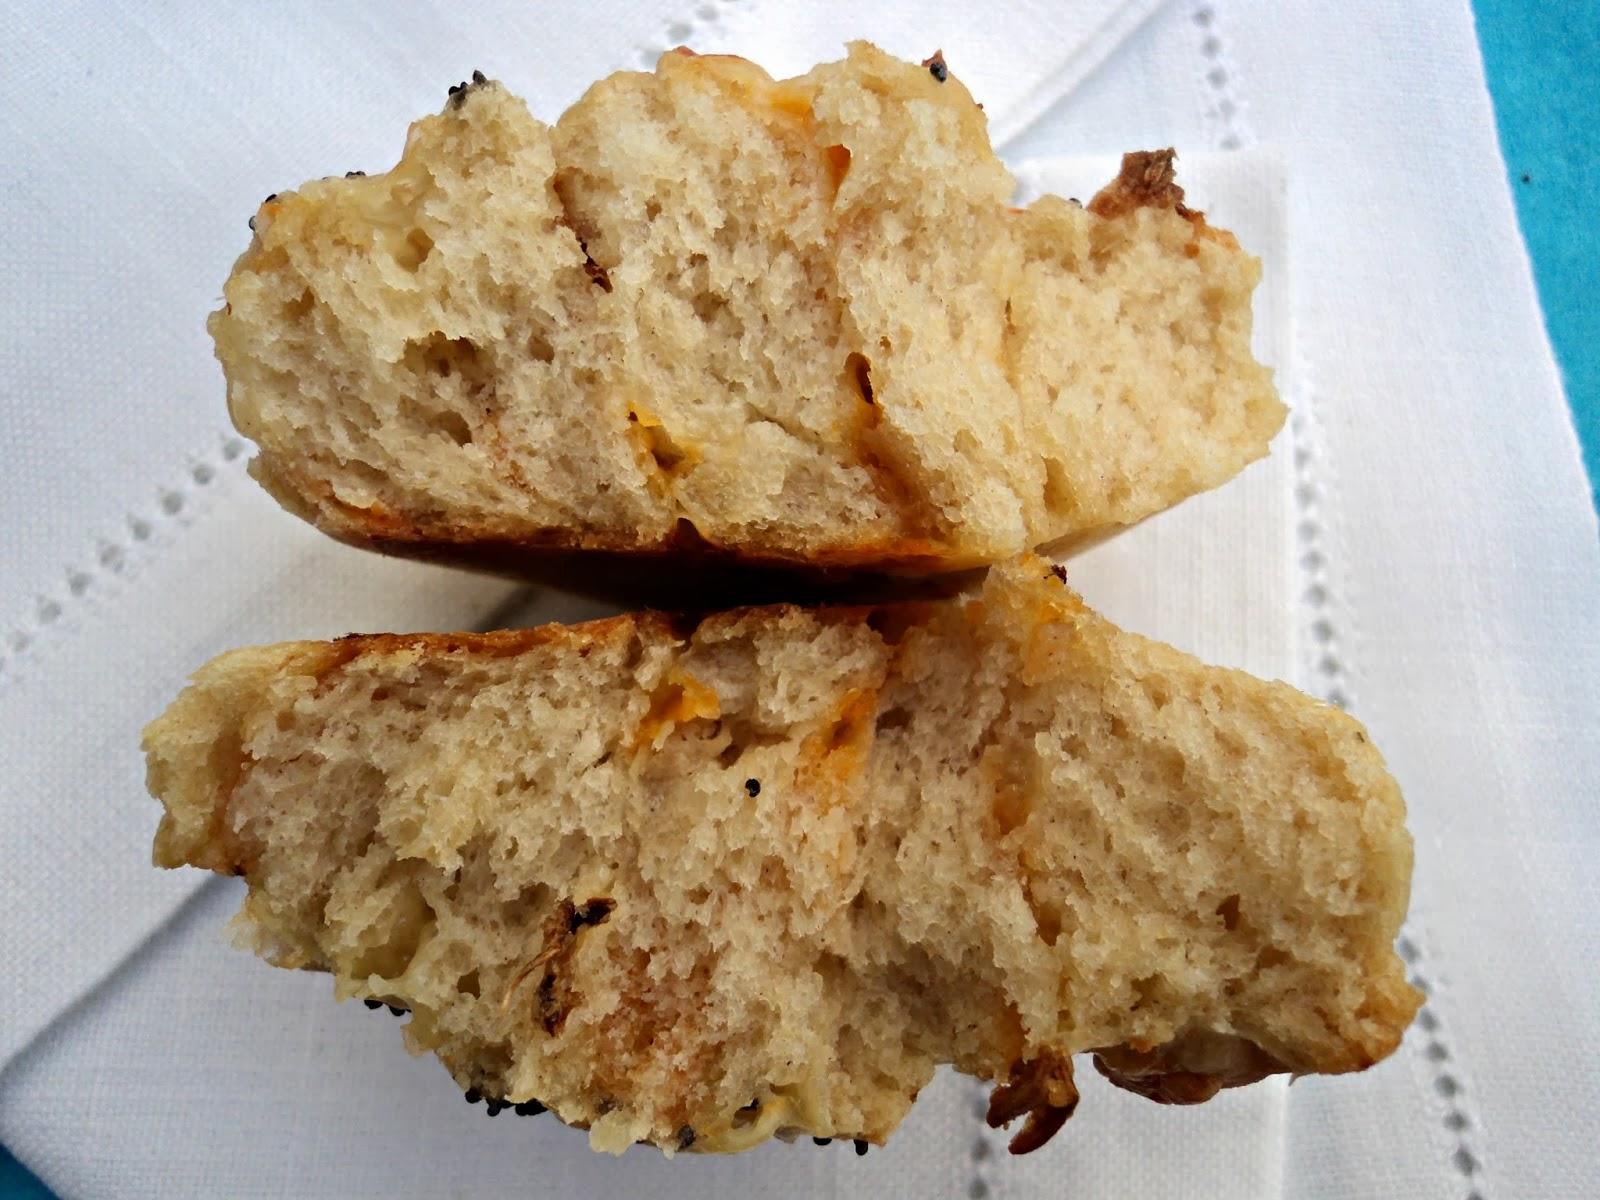 receta casera espirales bollitos centeno cebolla frita queso